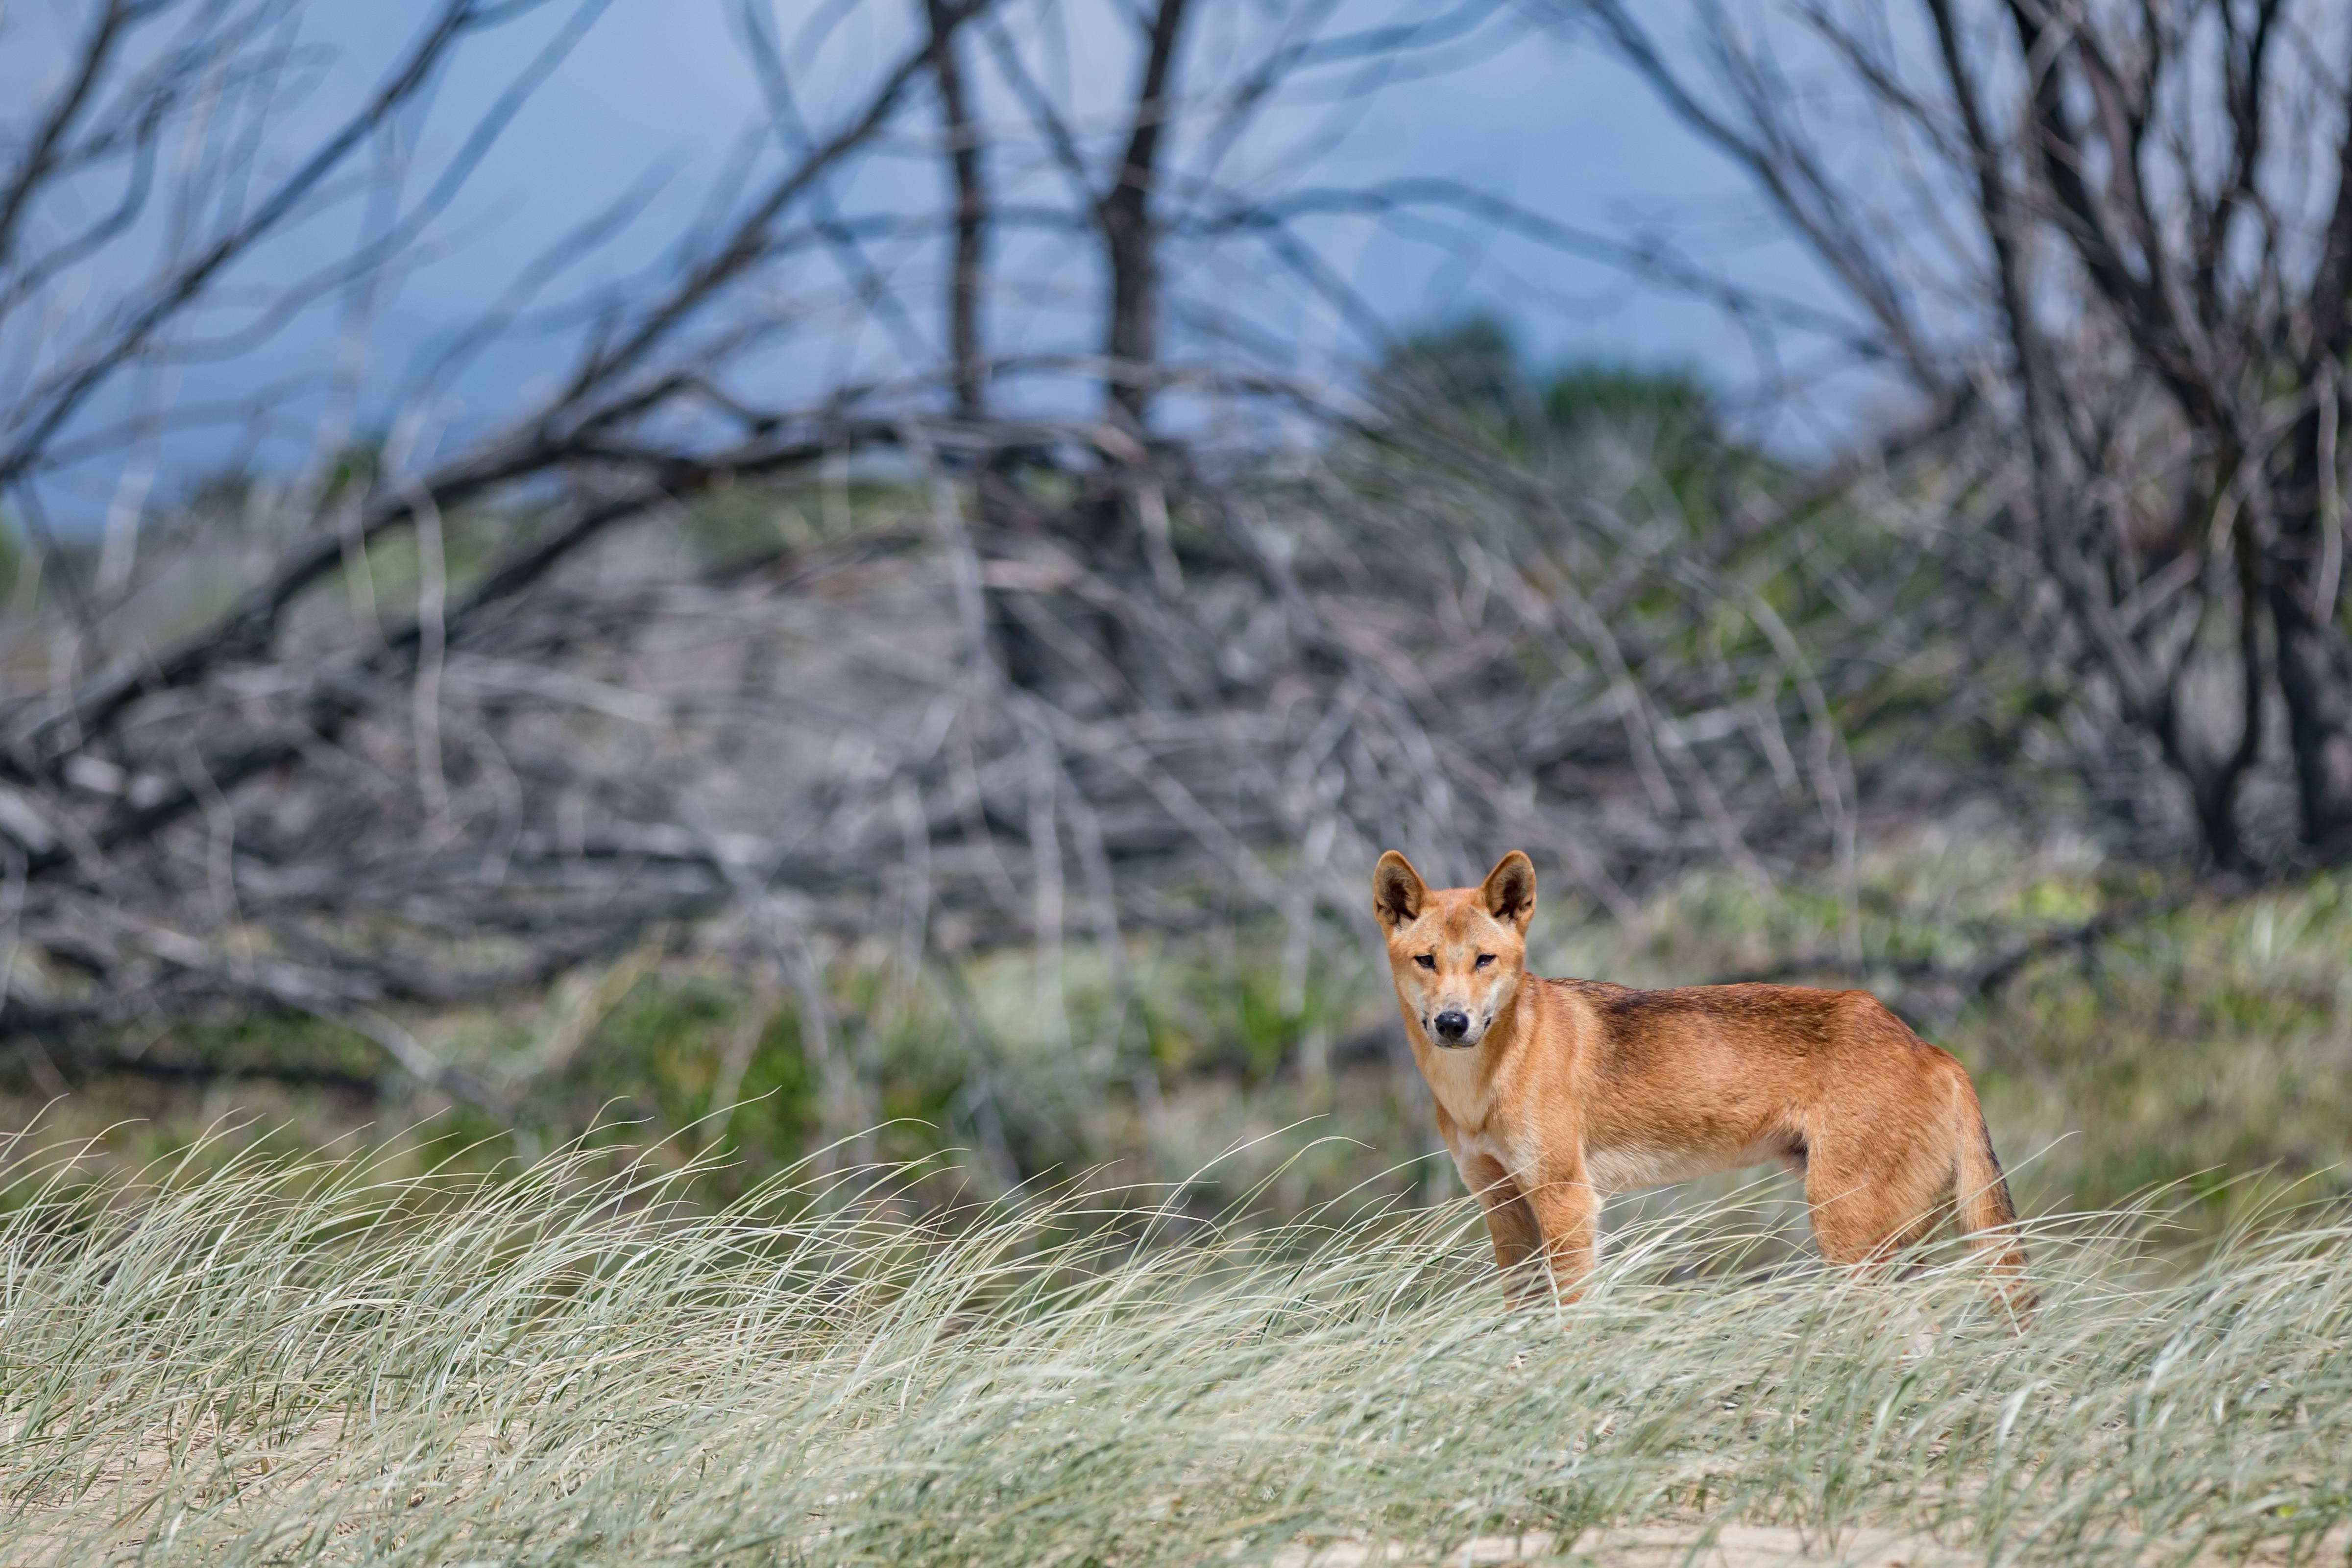 Собака динго: фото, видео и описание породы собак в домашних условиях